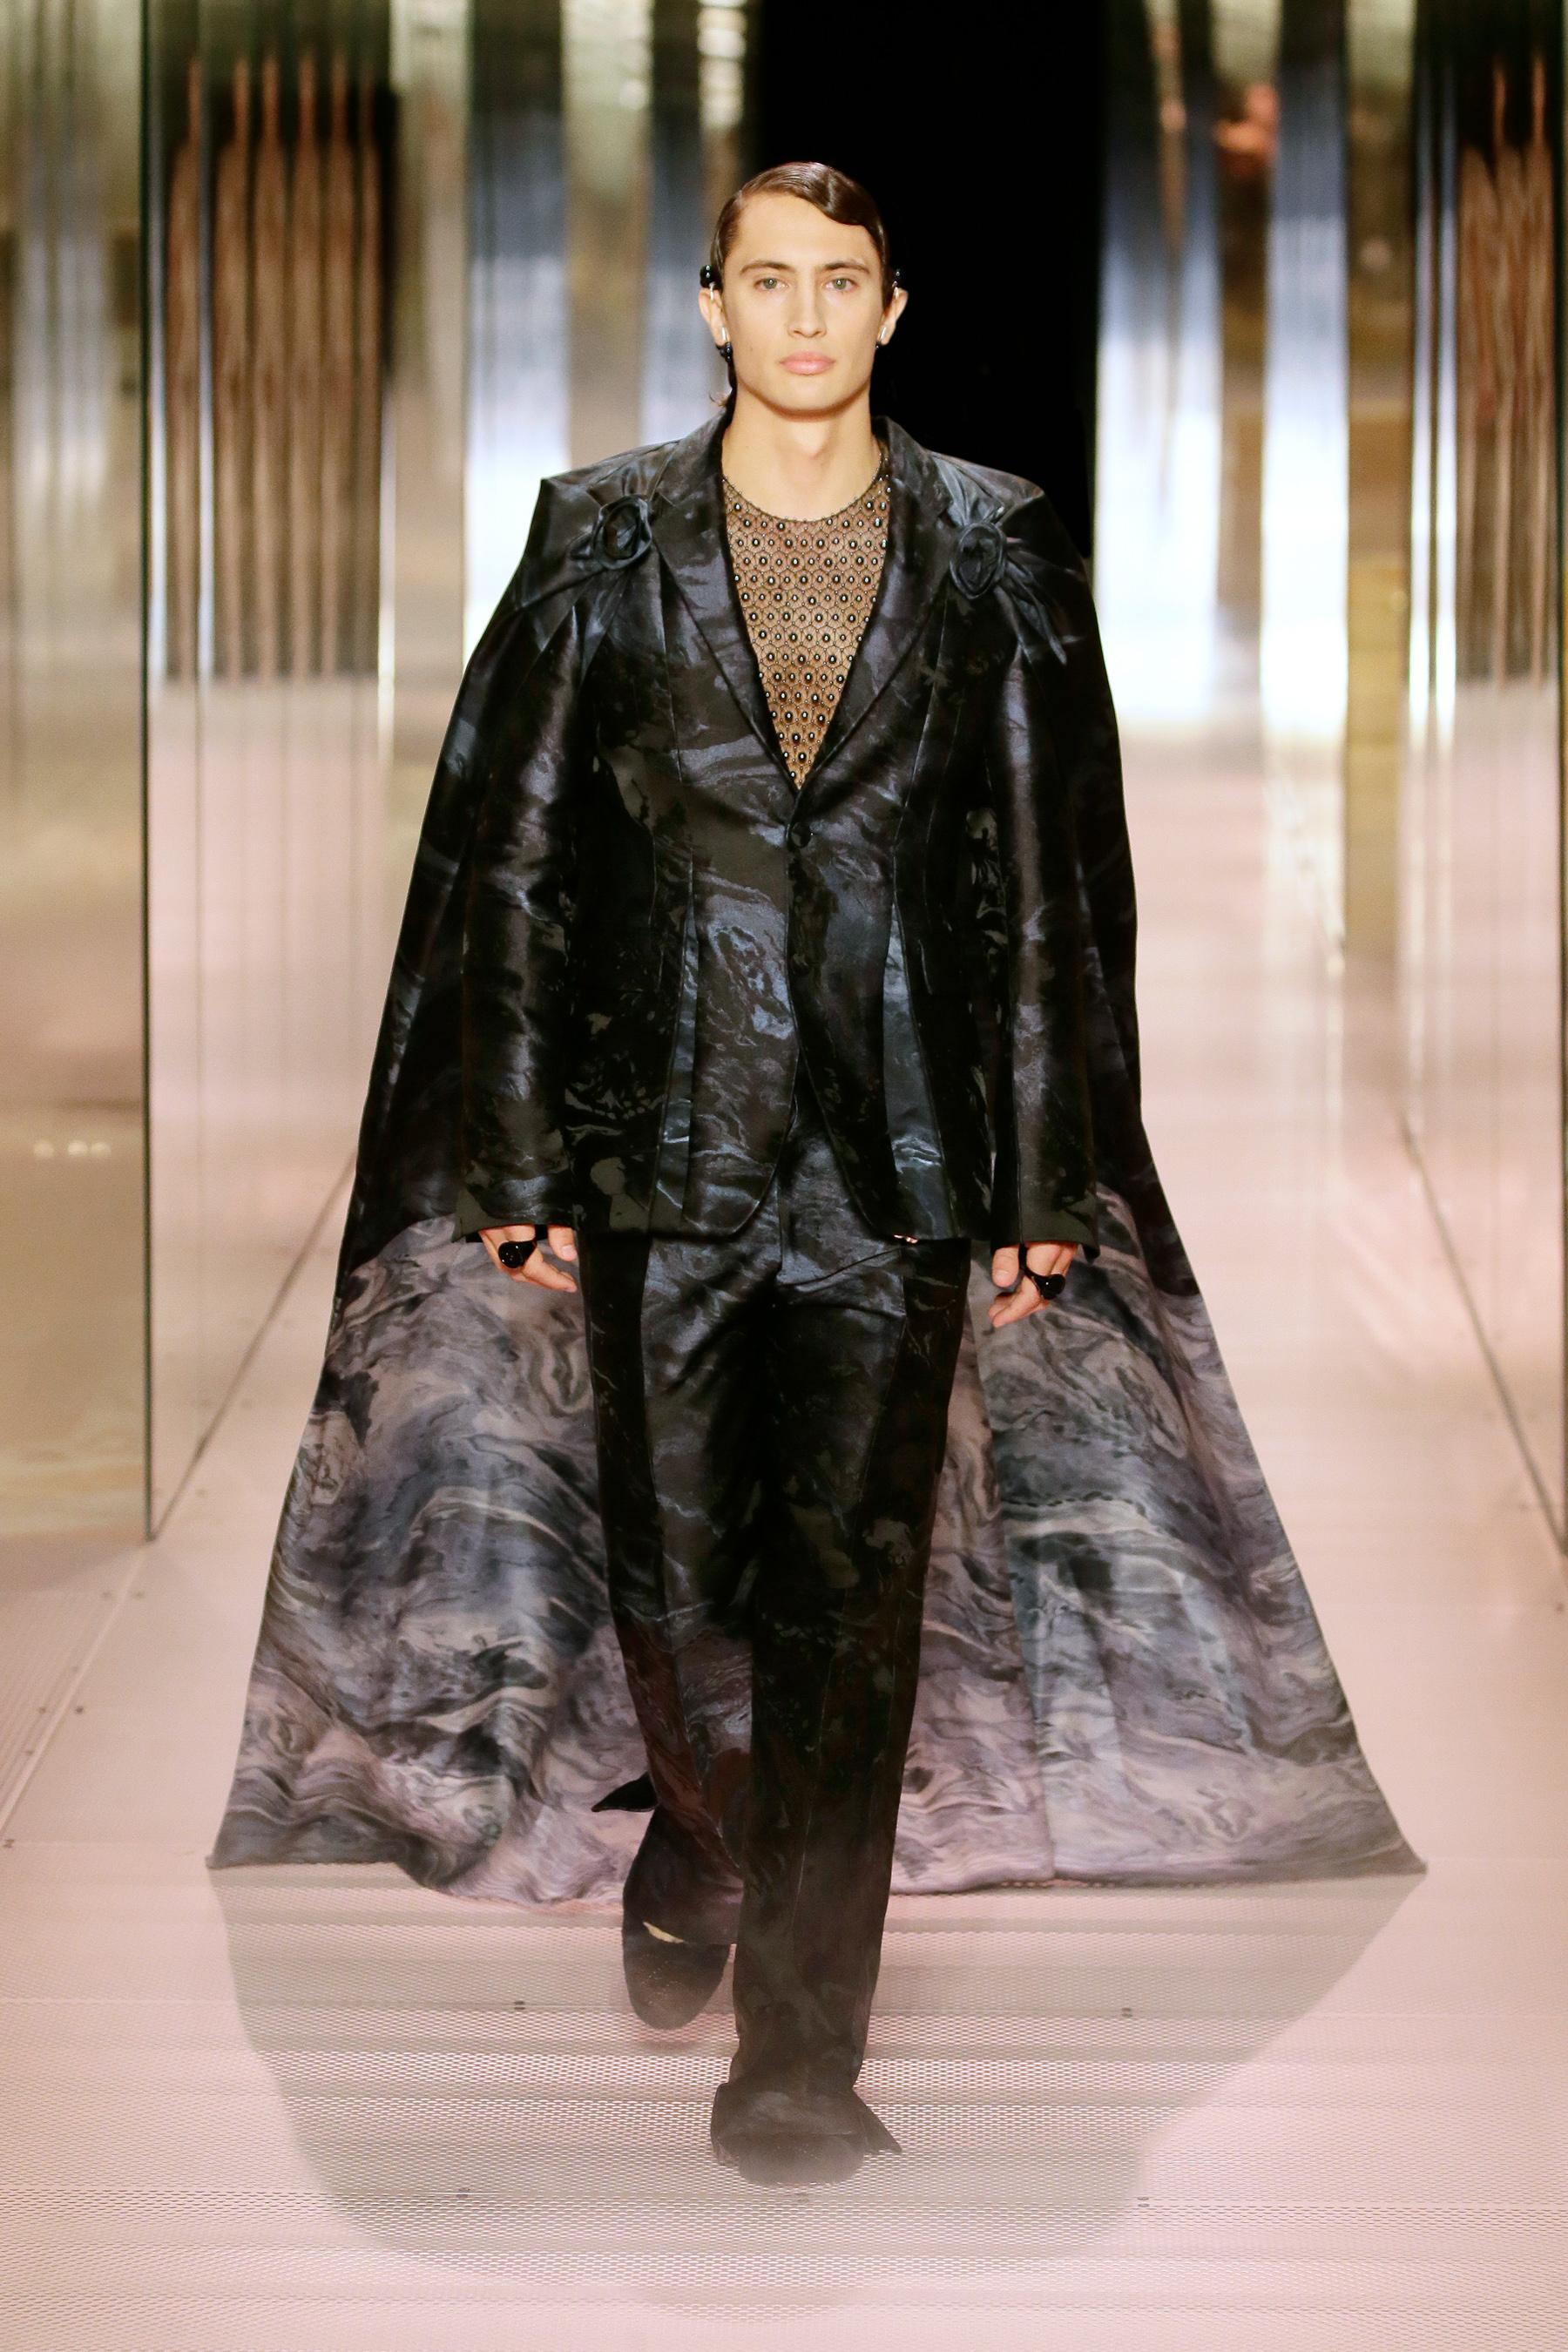 Fendi Couture Spring 2021 Couture Fashion Show Photos